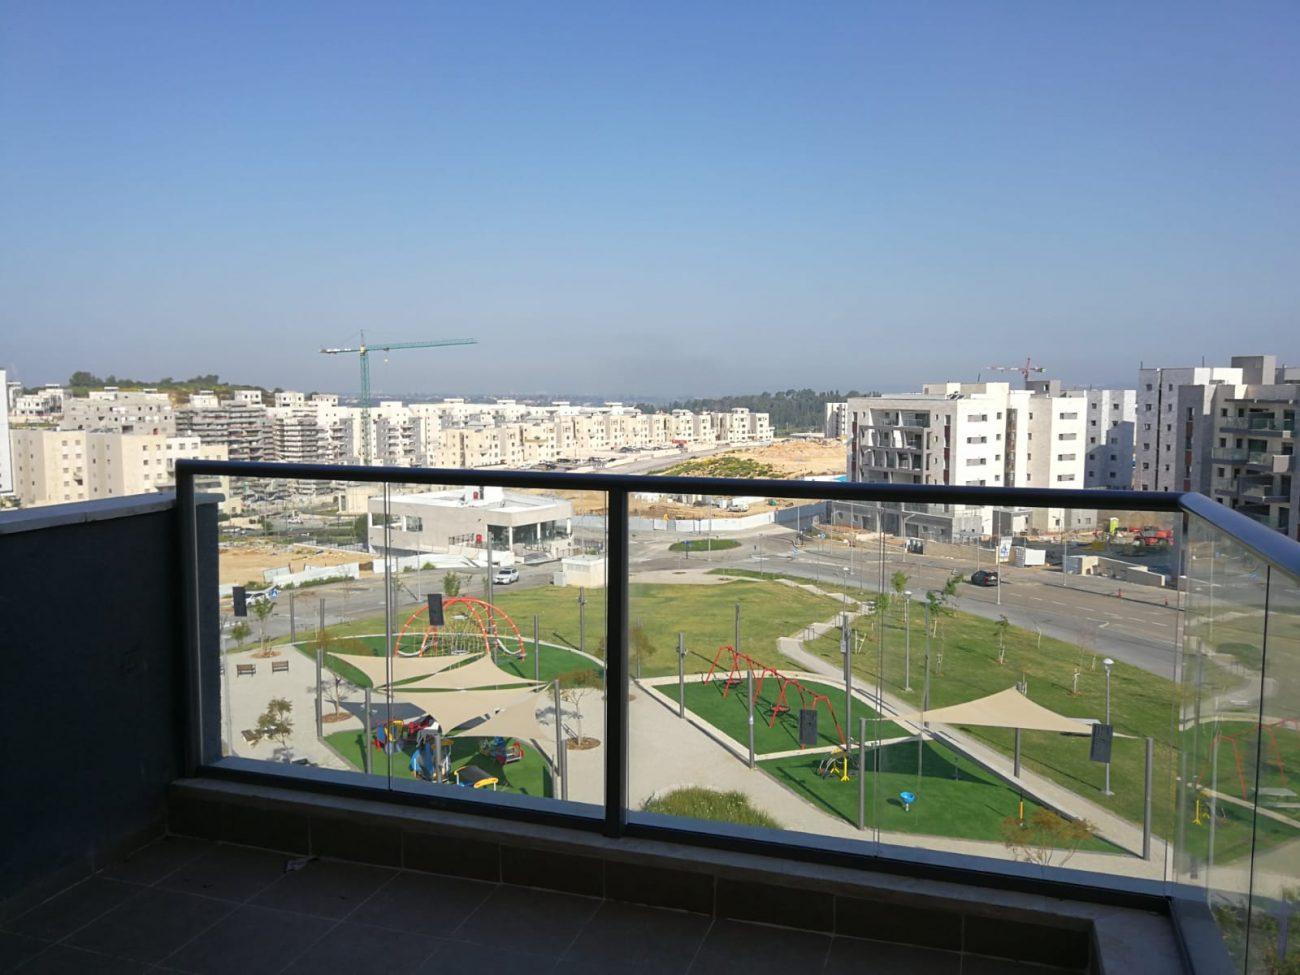 דירת 5 חדרים להשכרה לטווח ארוך